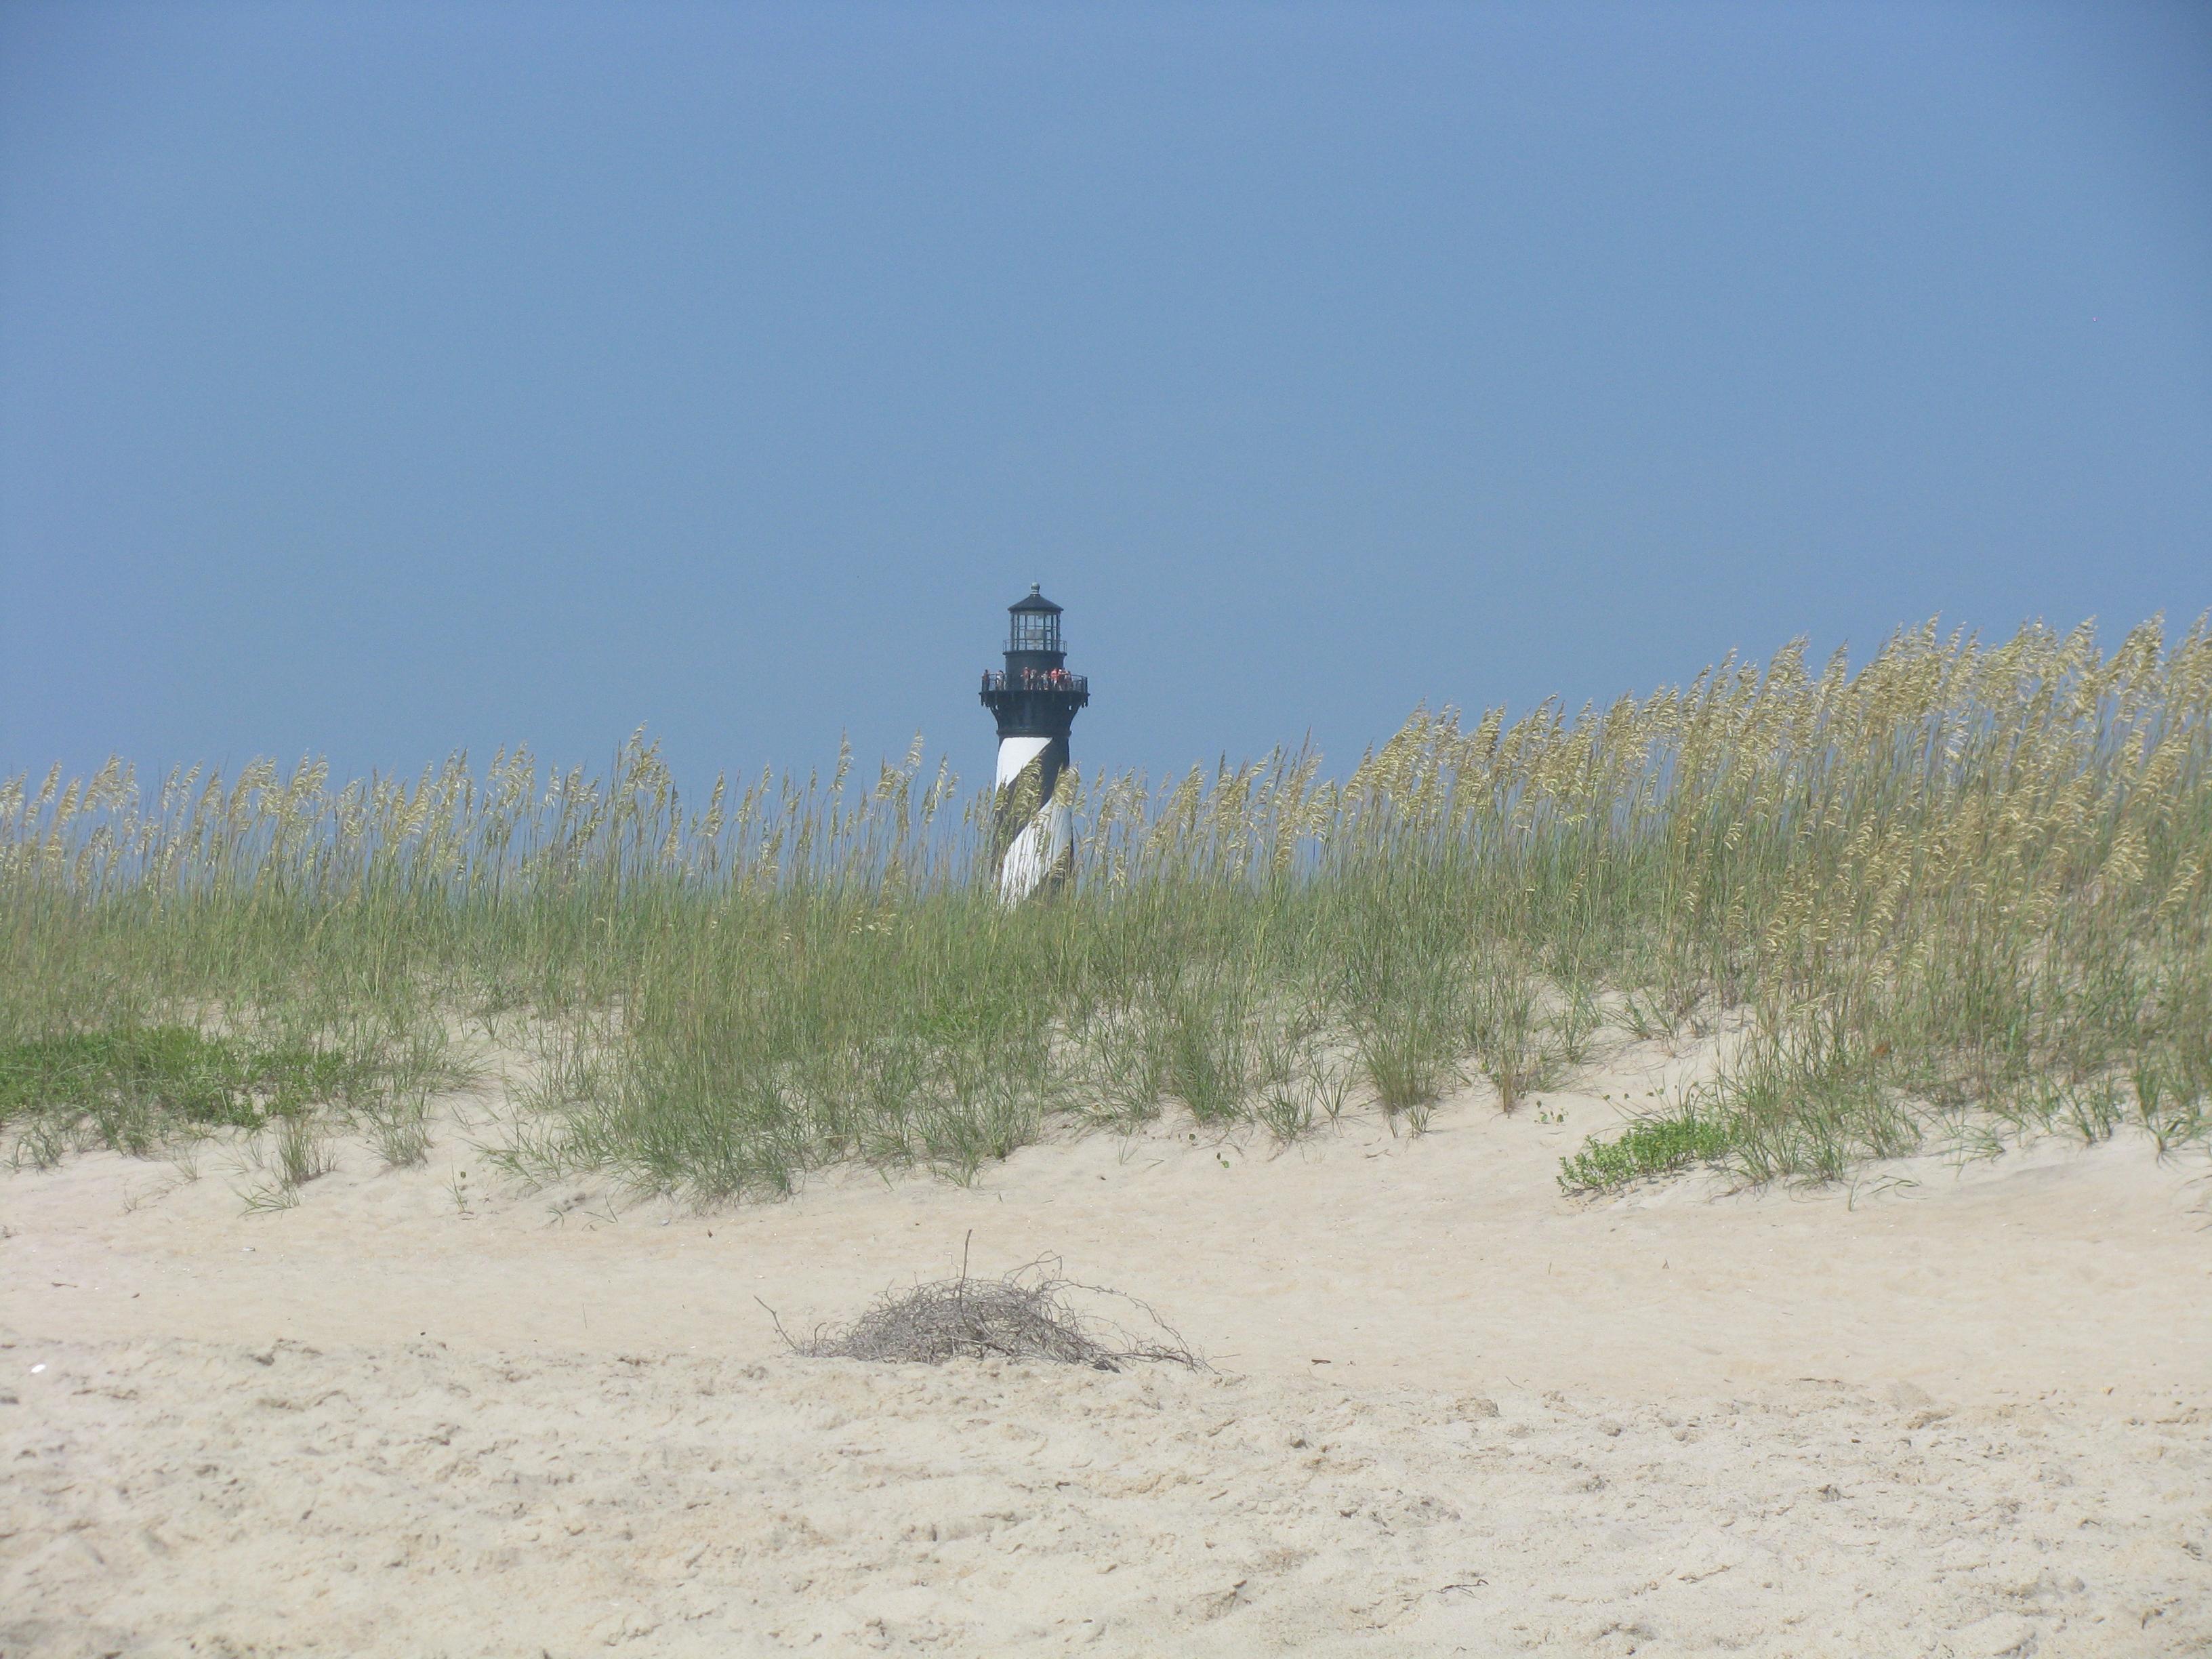 Cape Hatteras Lighthouse from beach 01.jpg